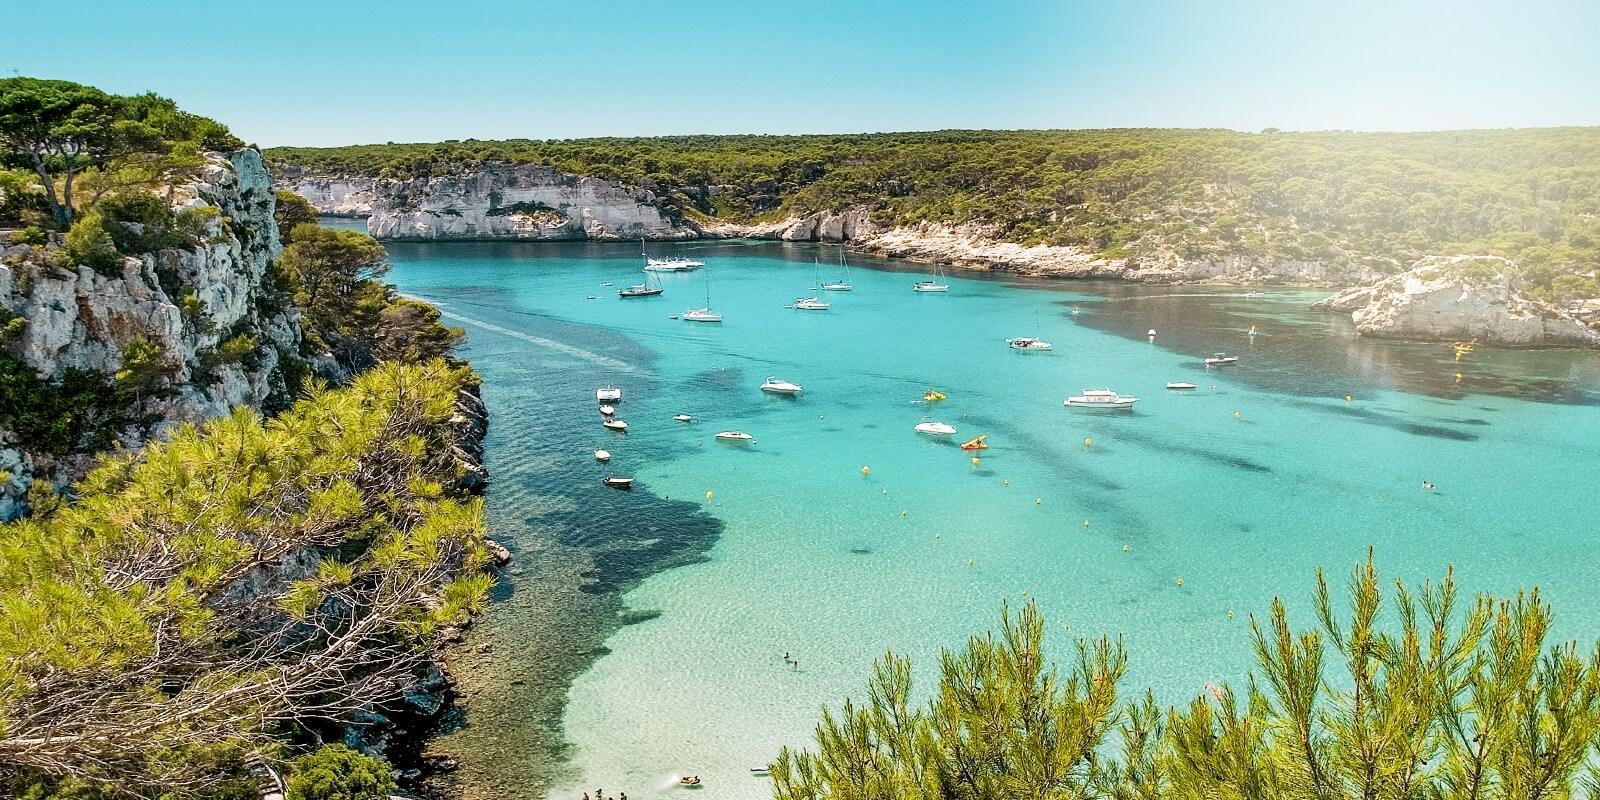 Vacanta de vara in Menorca, Insulele Baleare (Spania)! 197 euro (zbor si cazare 3 nopti)